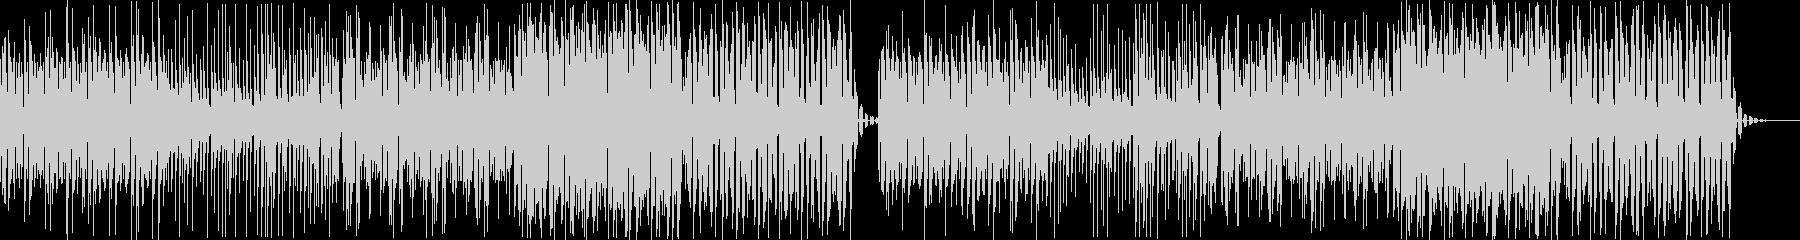 クール・スタイリッシュ・EDM・12の未再生の波形